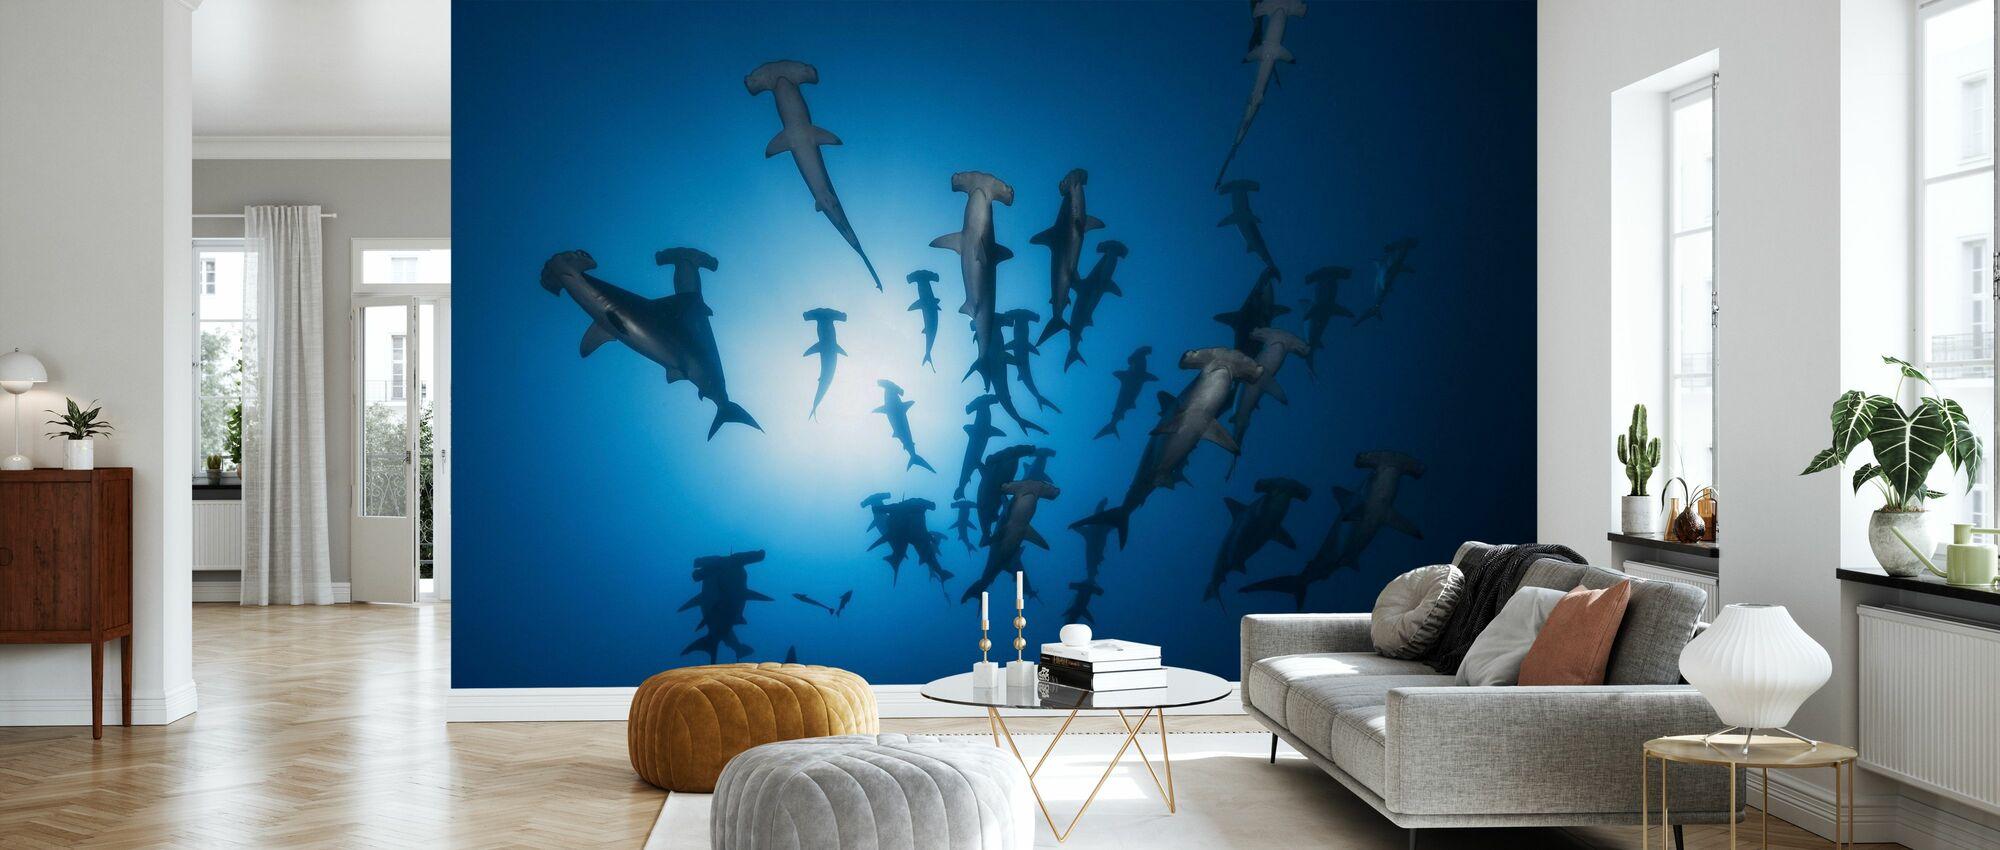 Hammerhead Shark - Wallpaper - Living Room